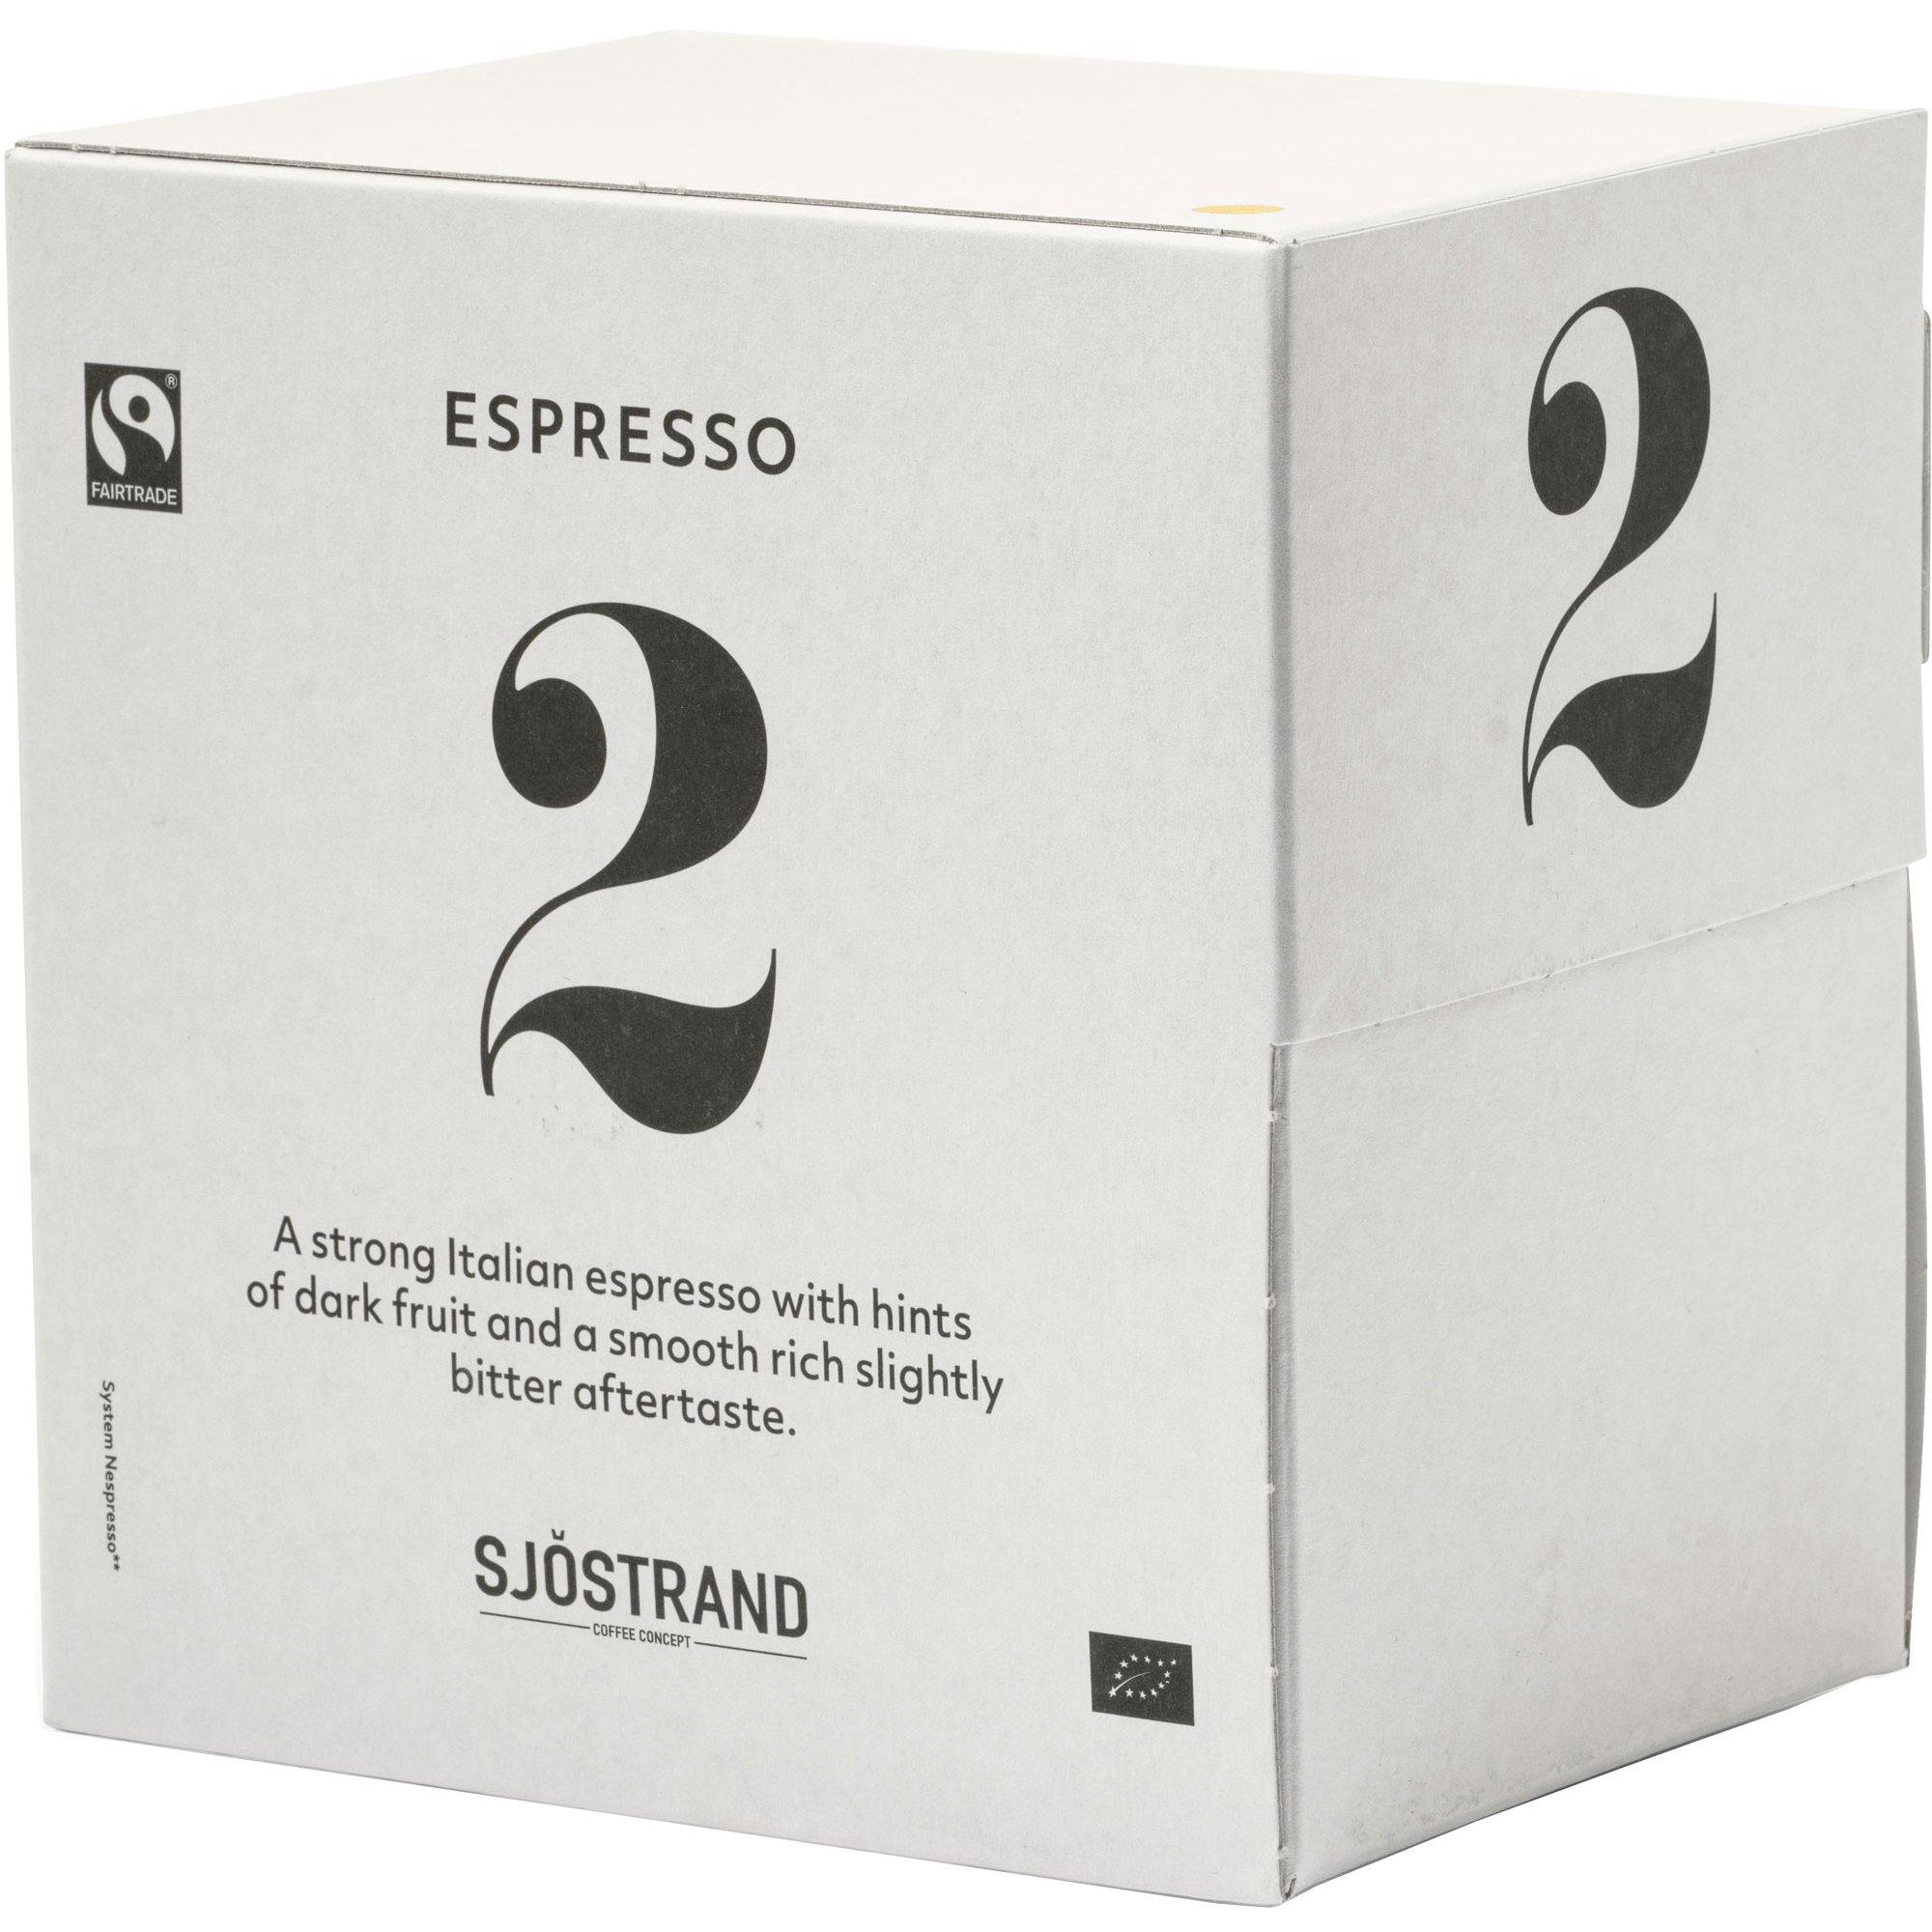 Sjöstrand Sjöstrand N°2 Espress Kapslar 100-pack